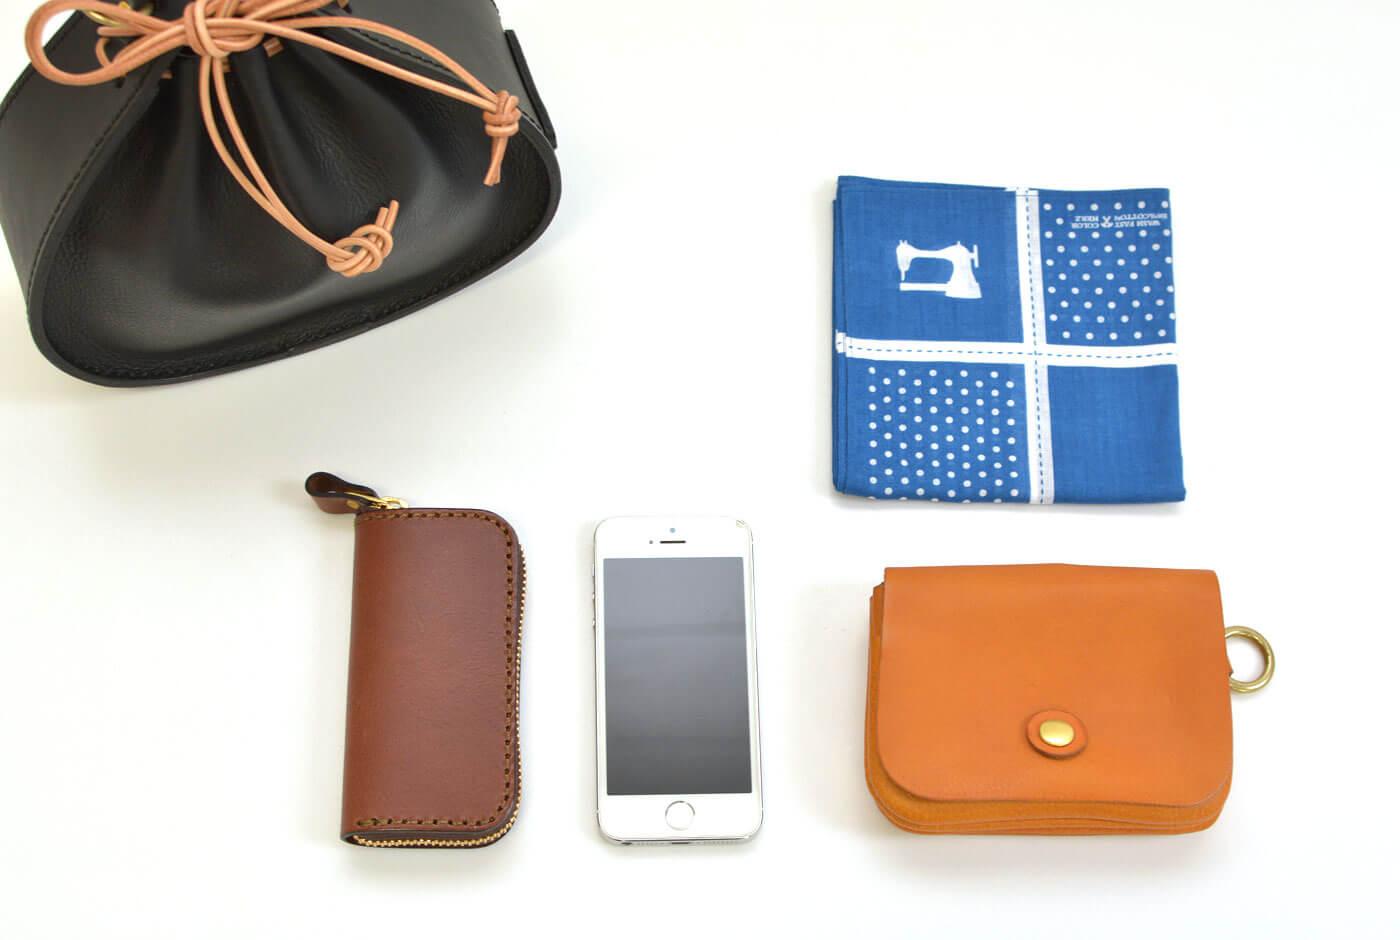 巾着鞄(Q-27) Sサイズ収納例